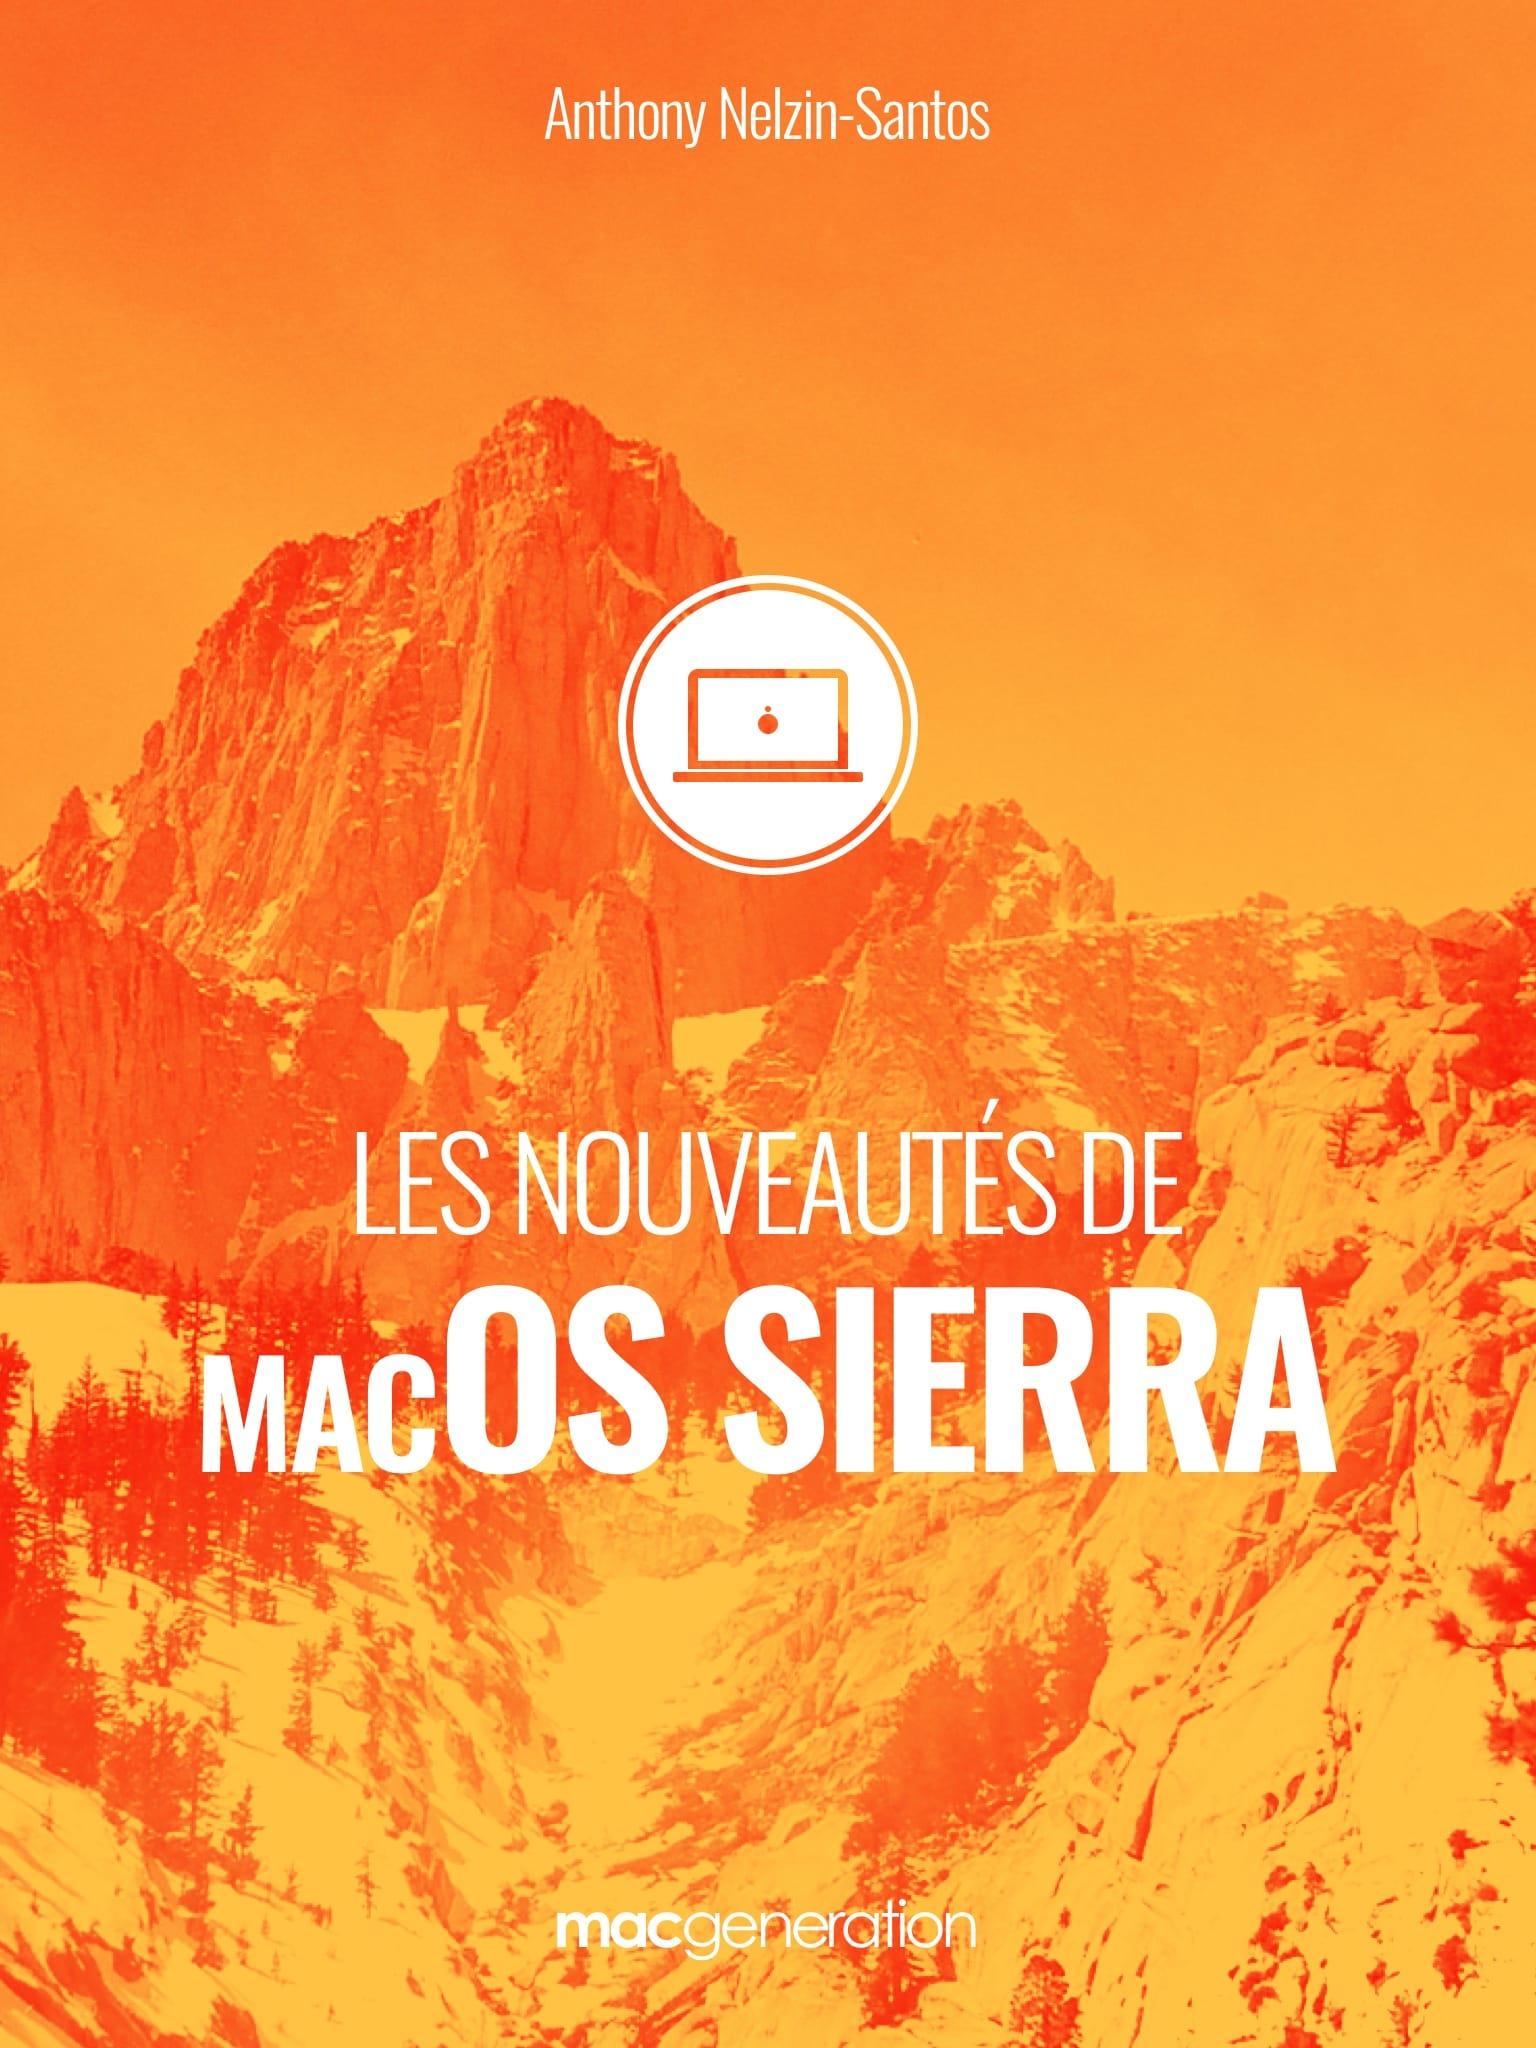 livres/mac-sierra.jpg